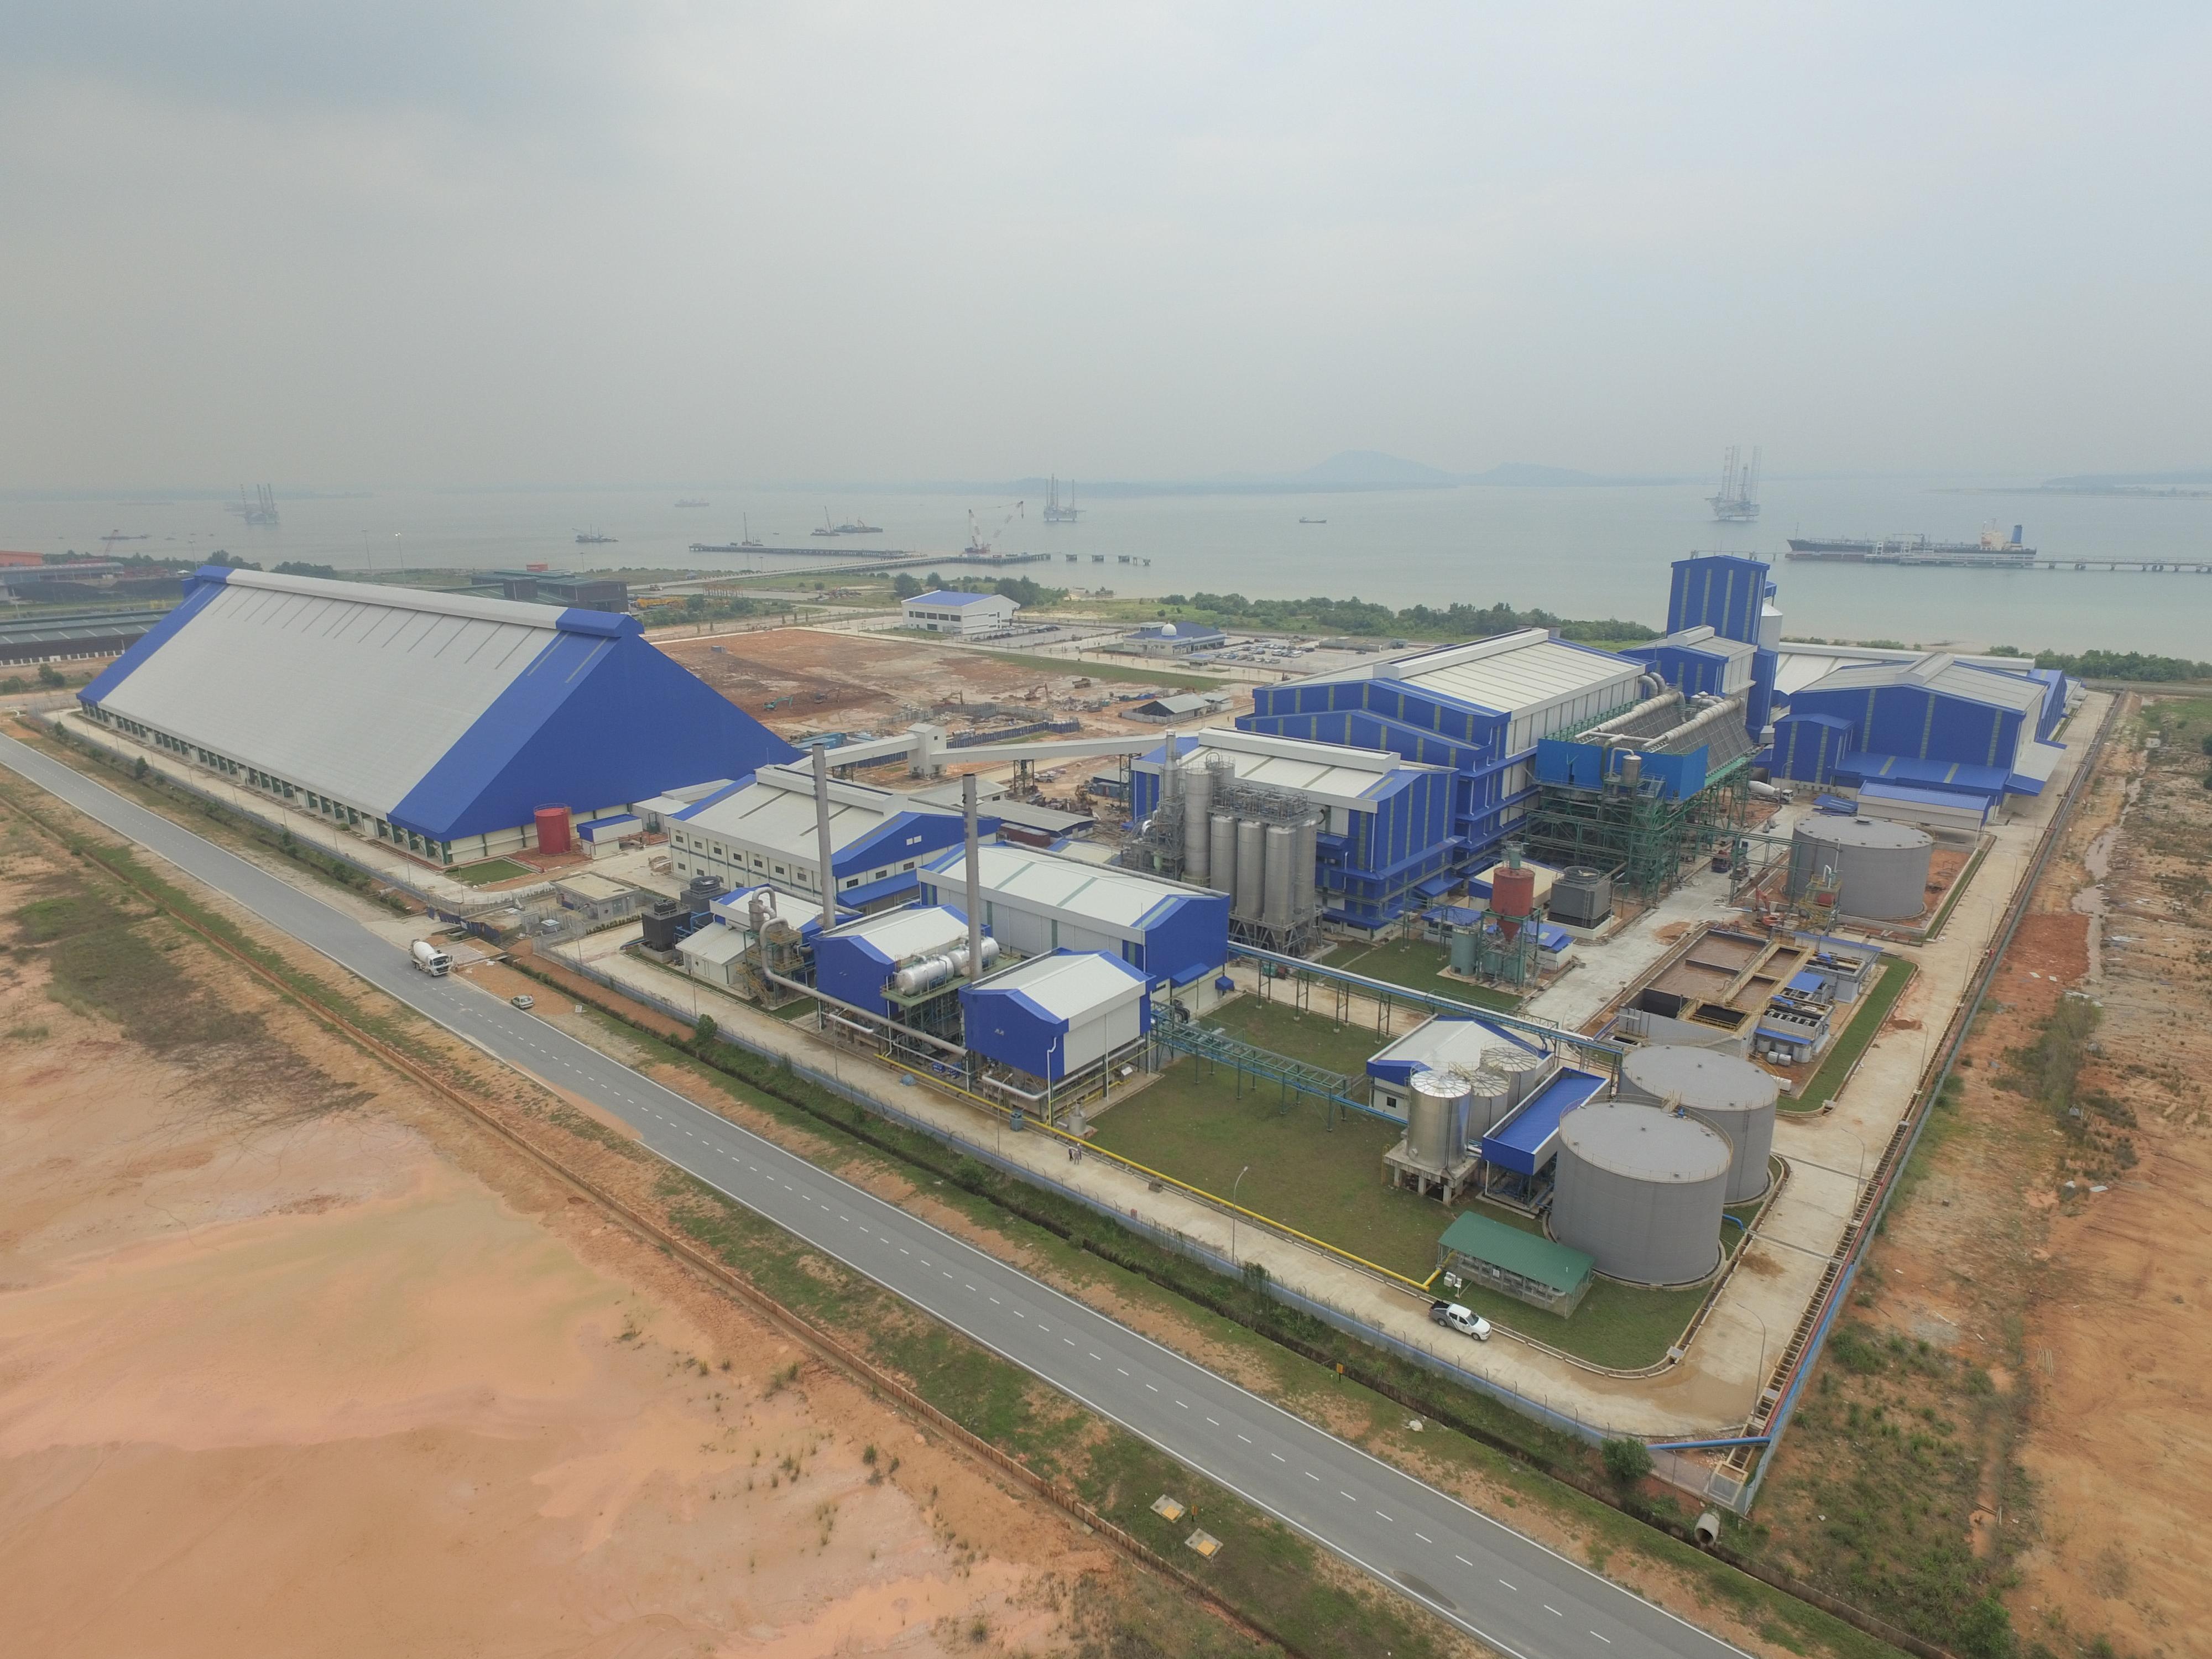 msm-raw-sugar-refinery-plant